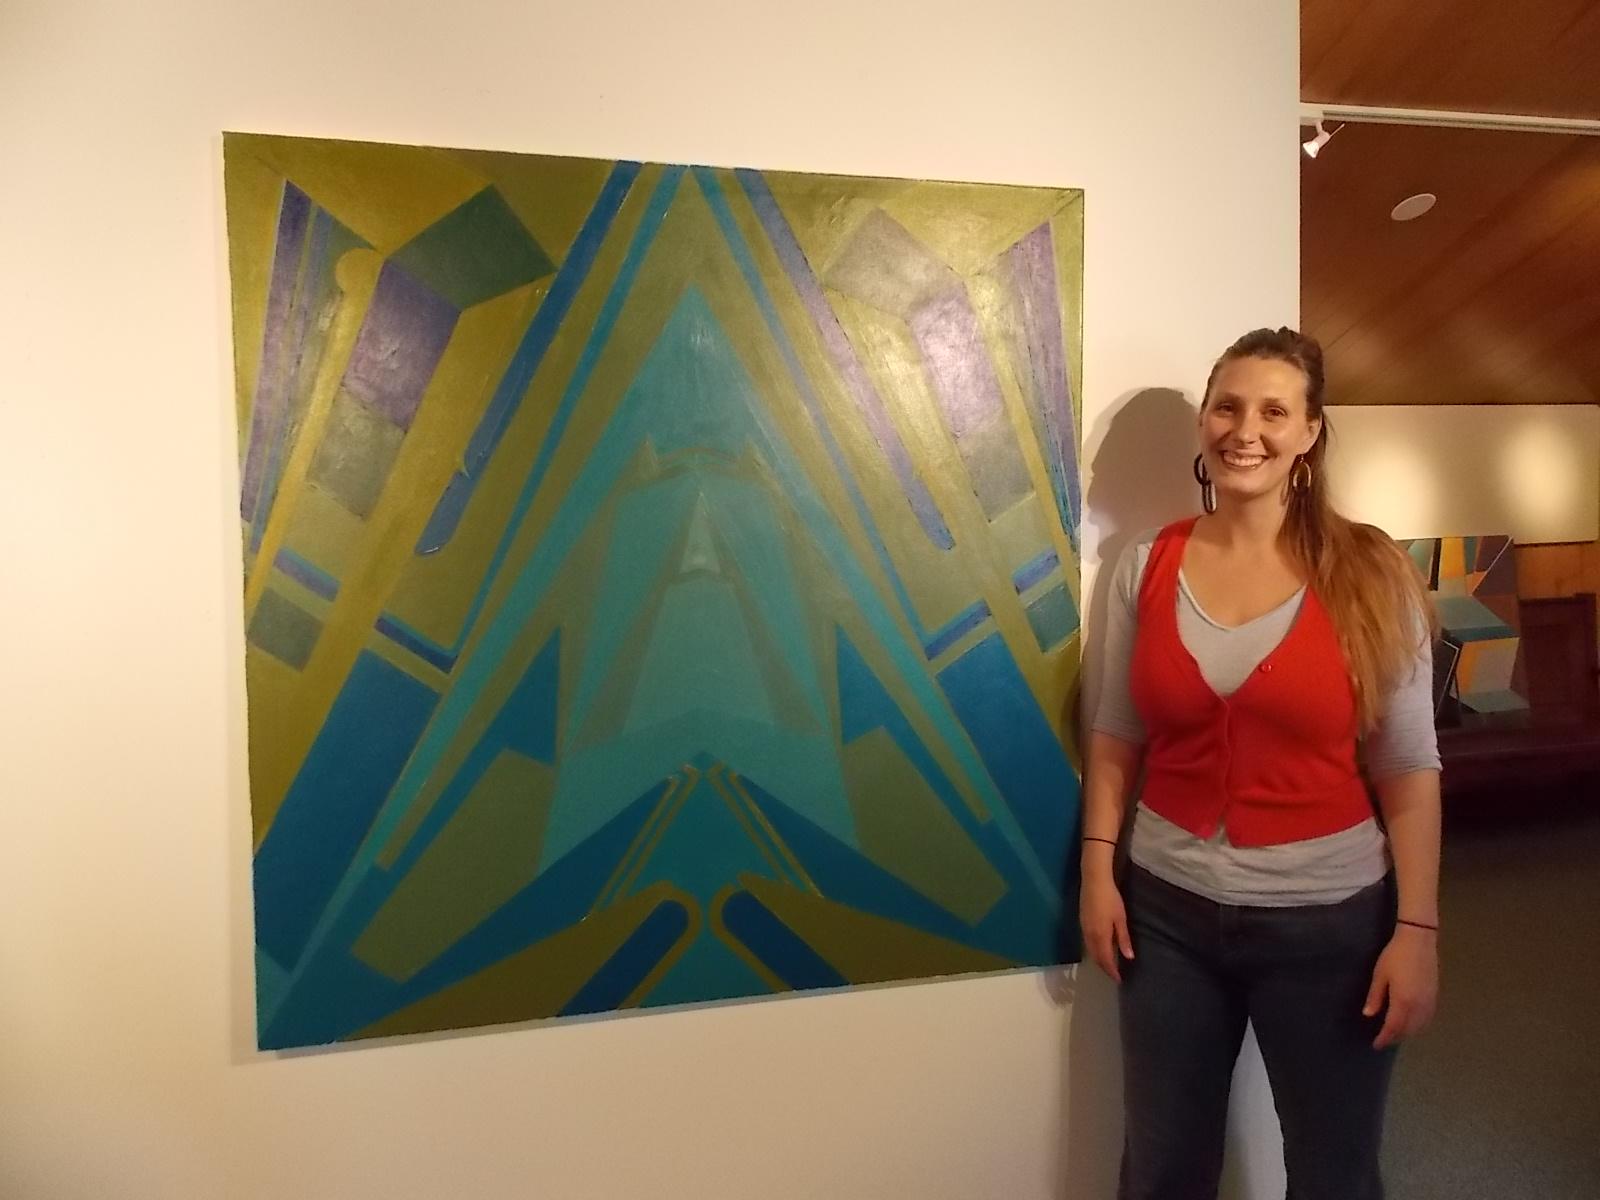 Duross displays a dozen new works